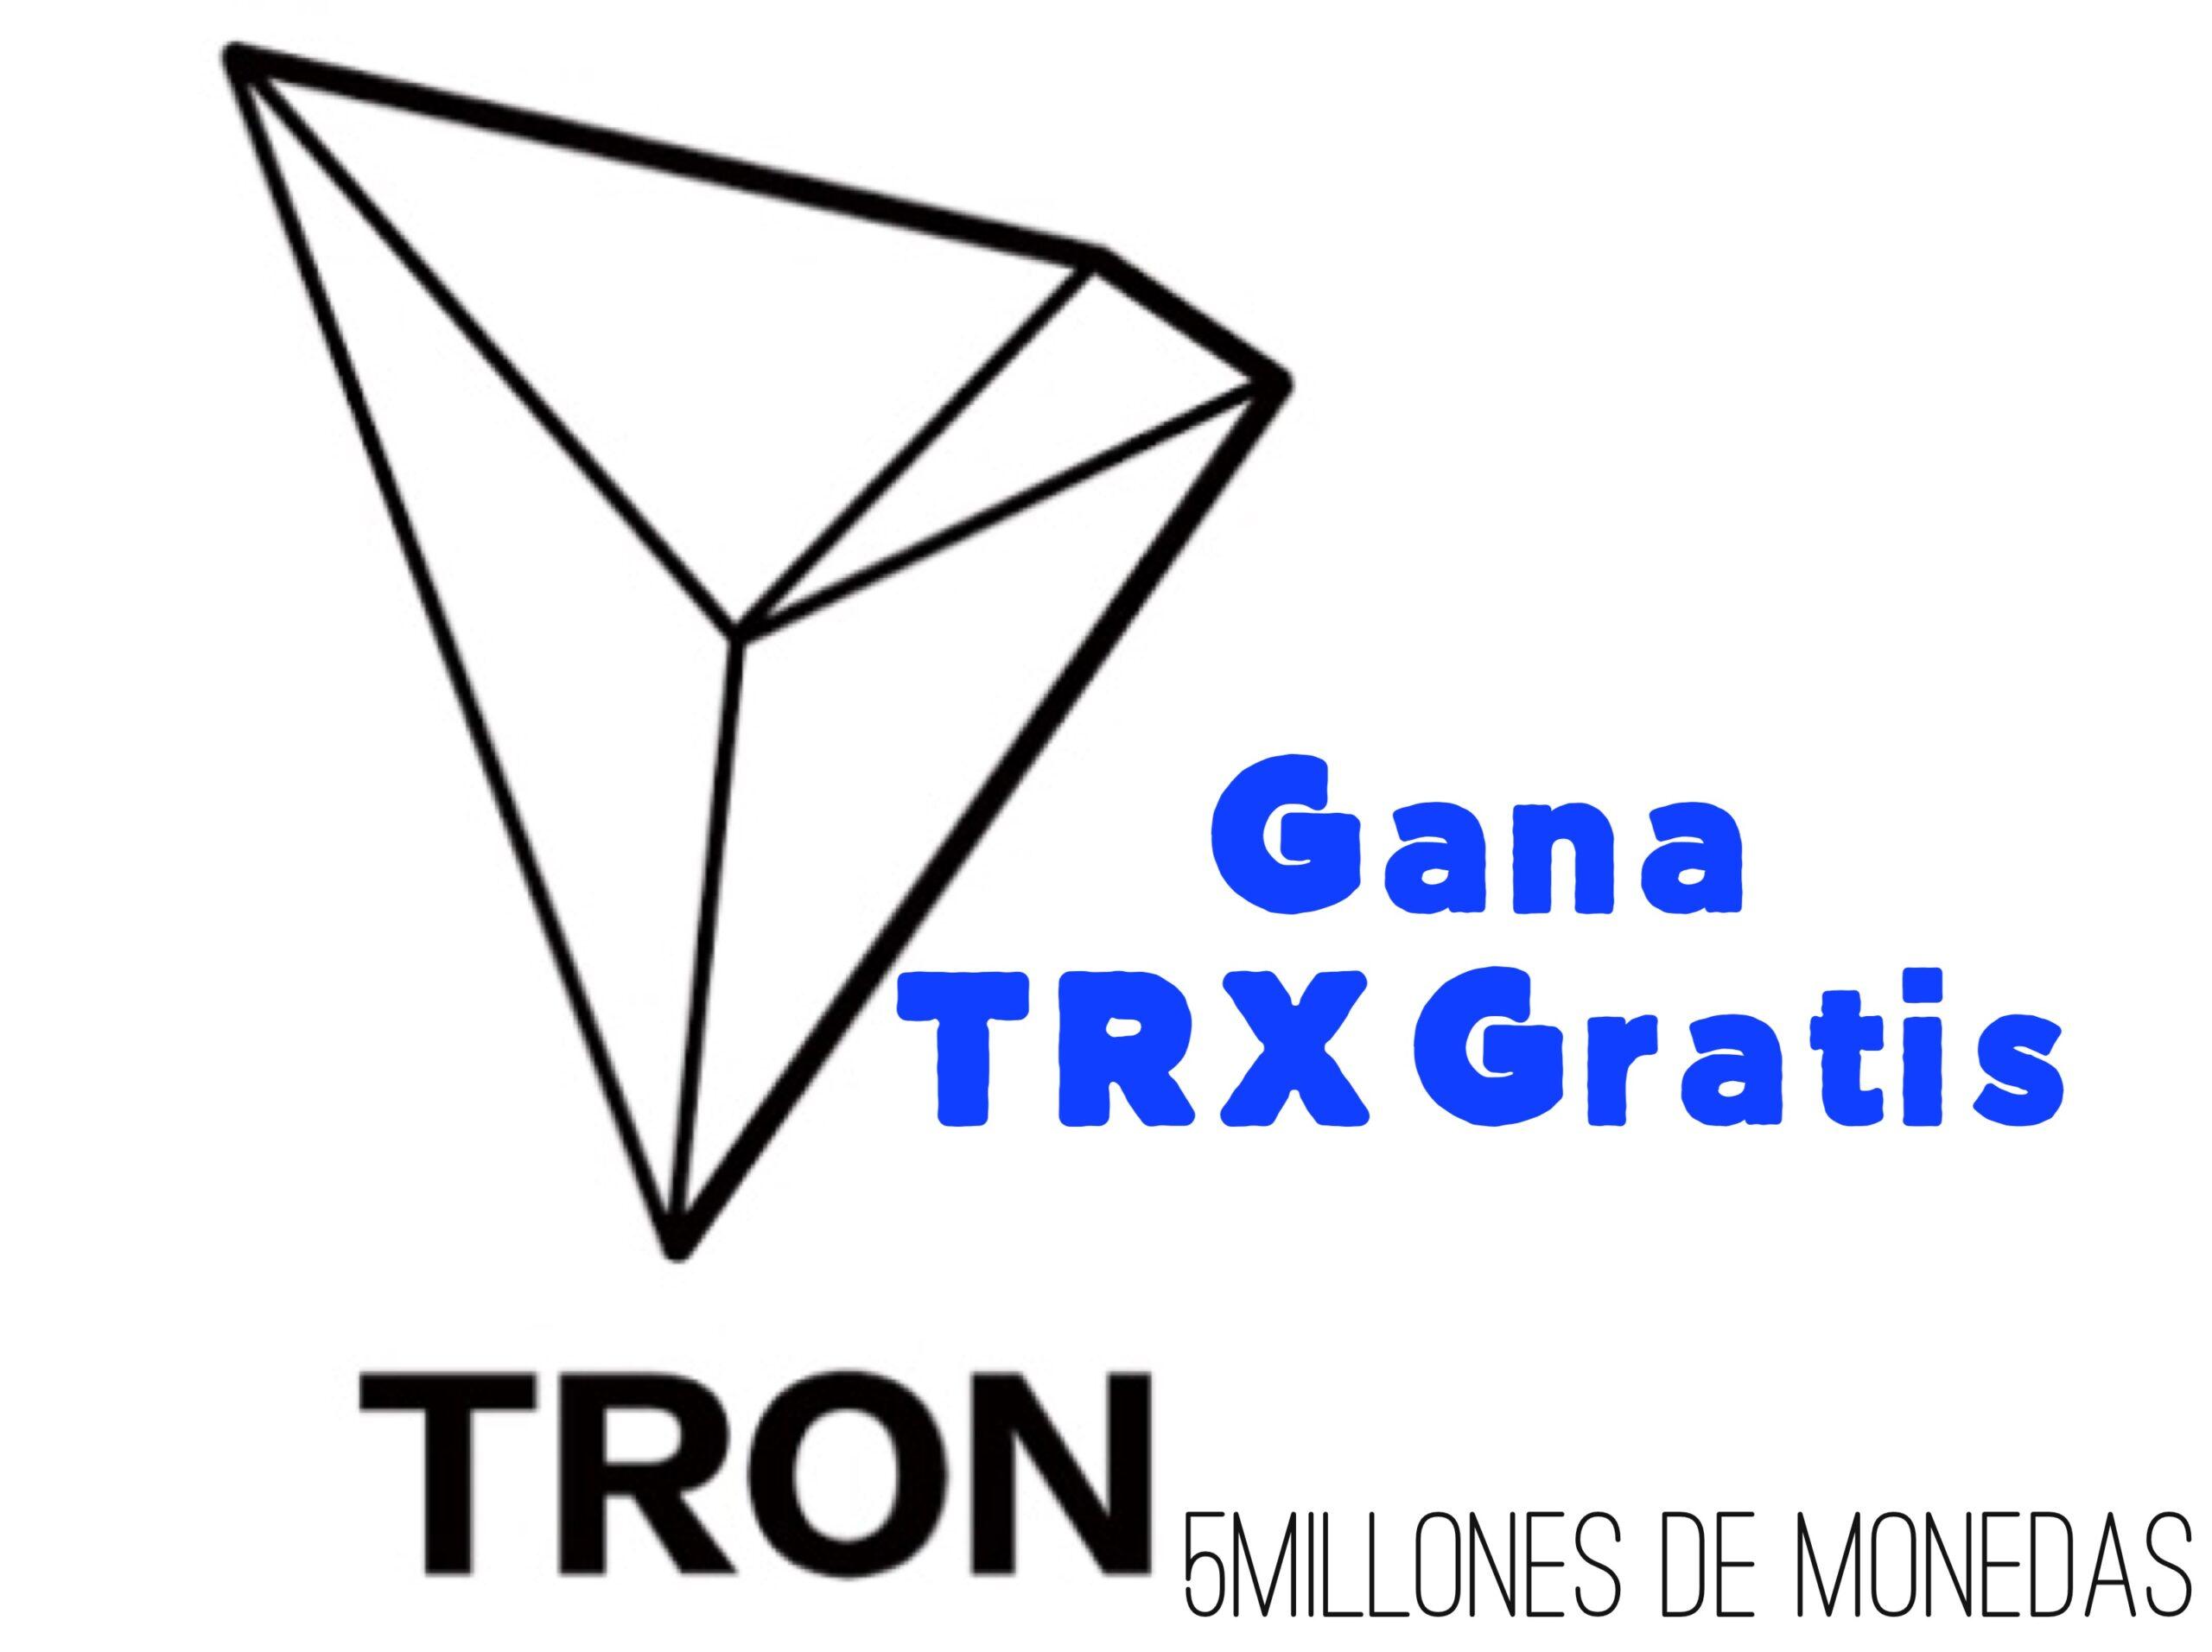 En este momento estás viendo Gana TRON (trx) gratis con GuildChat (5 millones de monedas en airdrop)